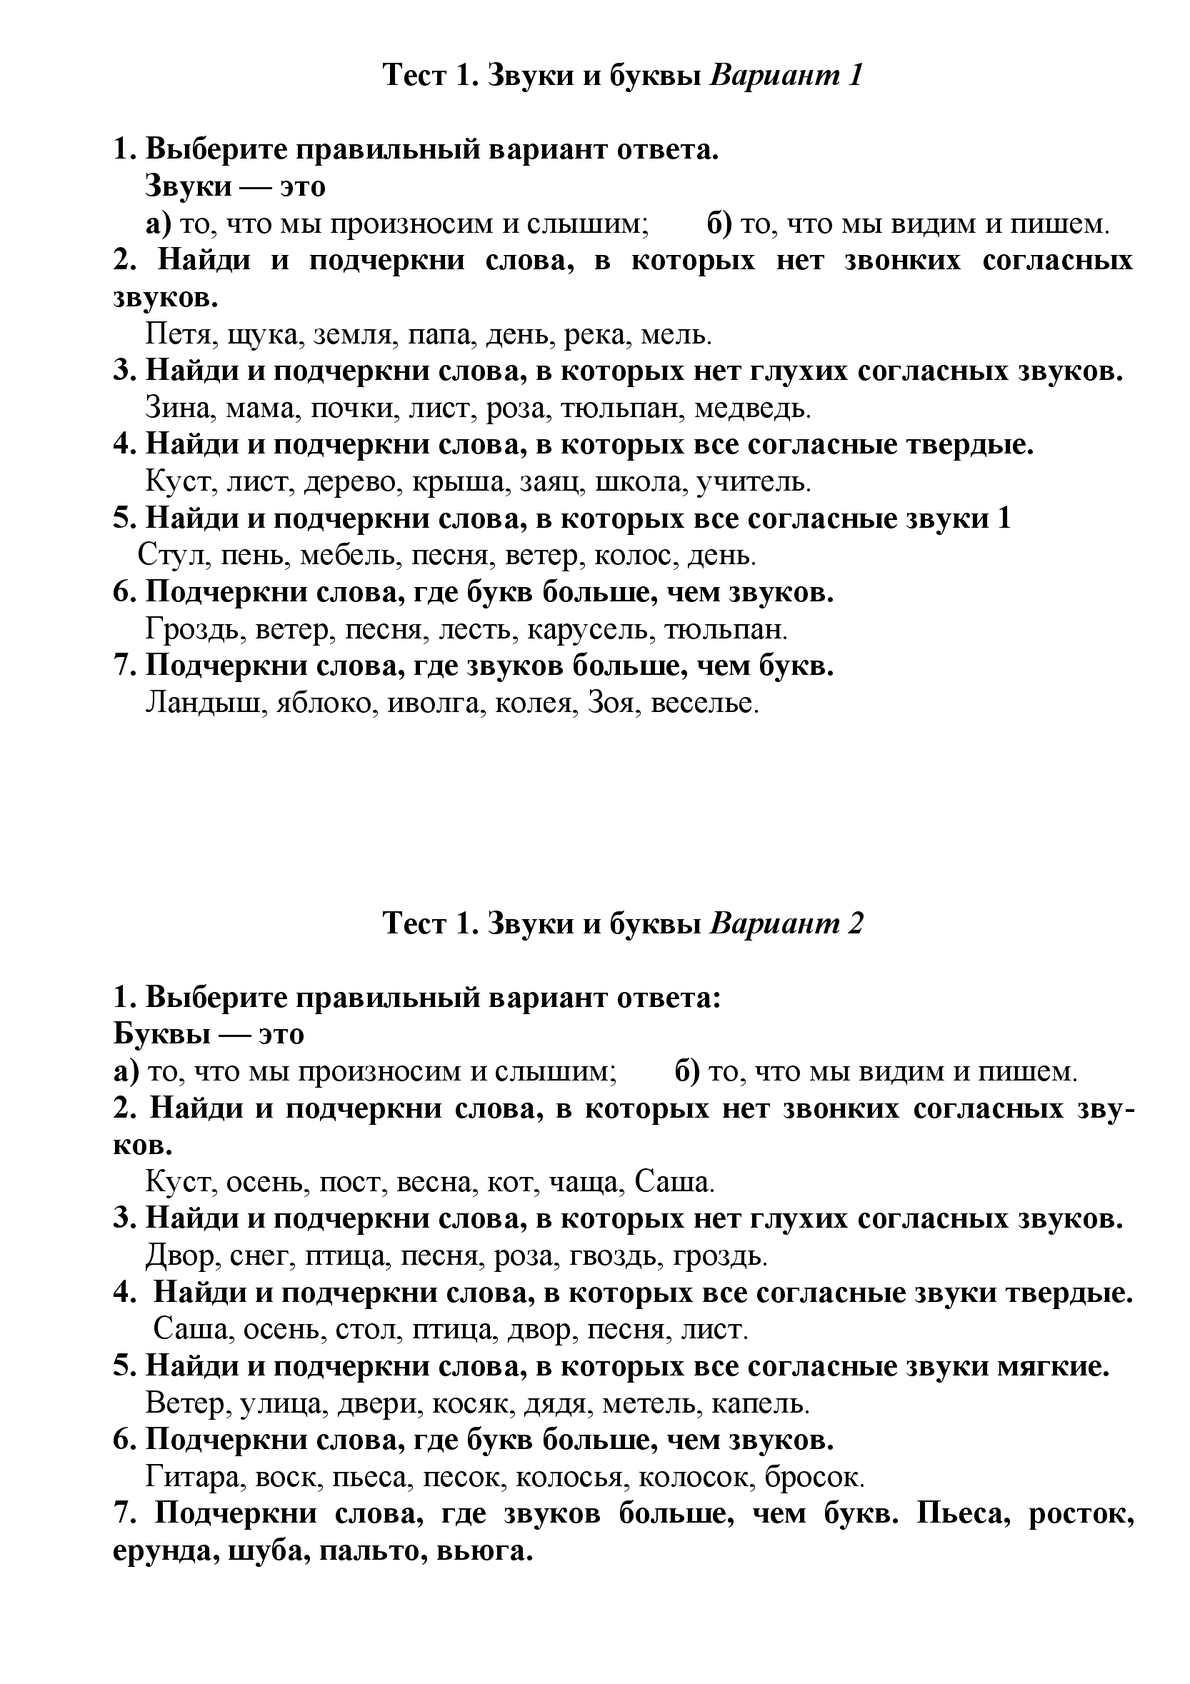 Тест по русскому языку 2 кл